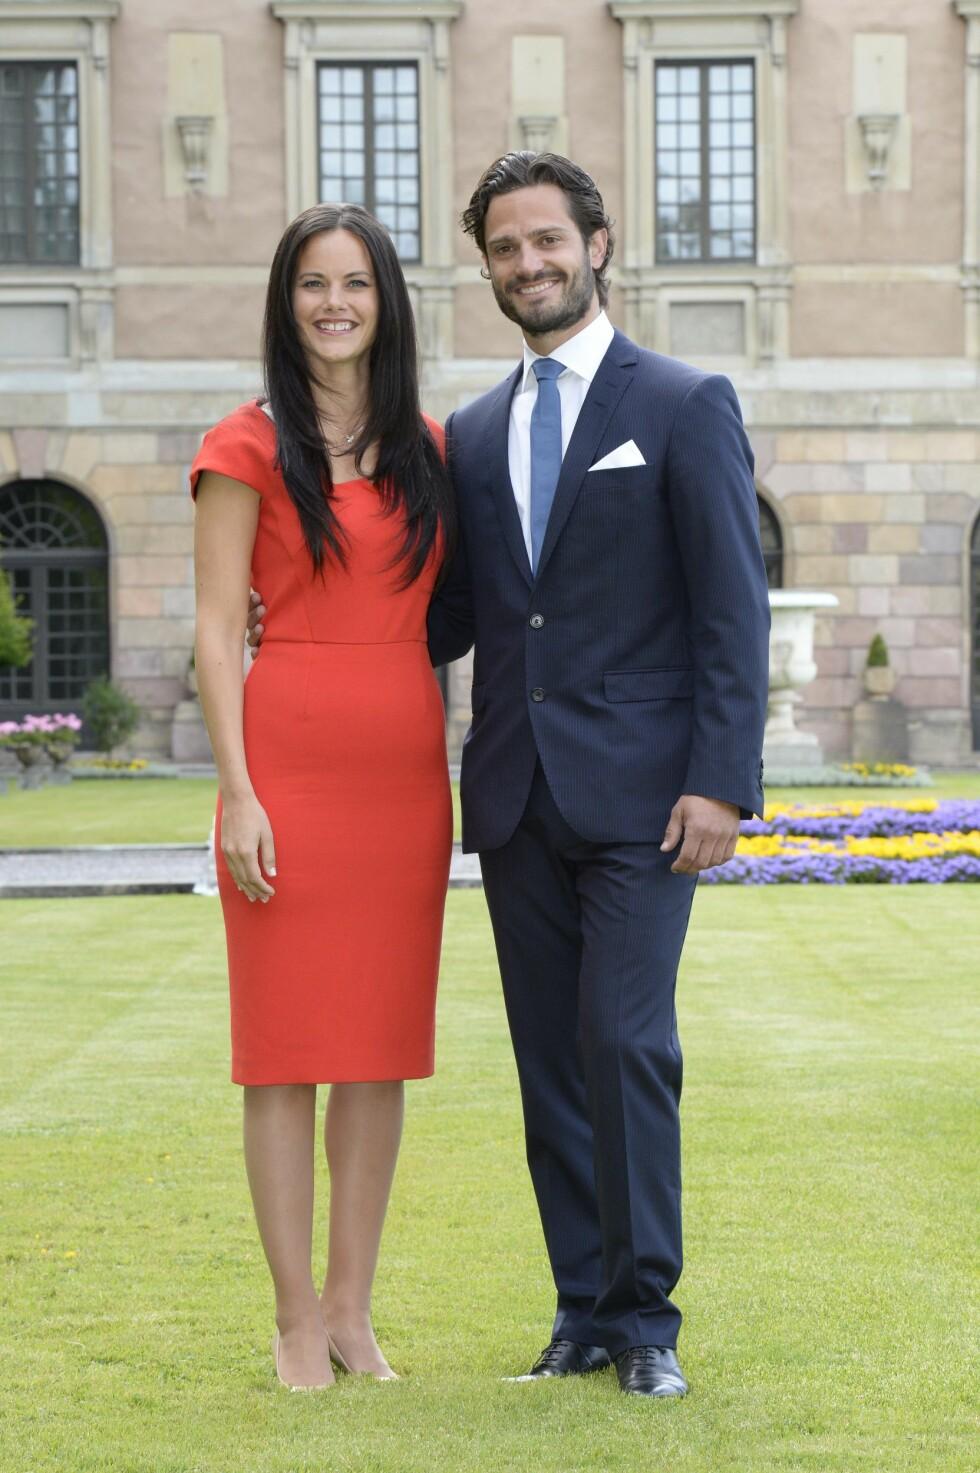 FORLOVELSESDAGEN: Både Sofia og Carl Philip strålte av lykke da de møtte pressen få timer etter at de hadde forlovet seg i juni i fjor. Foto: TT NYHETSBYRÅN